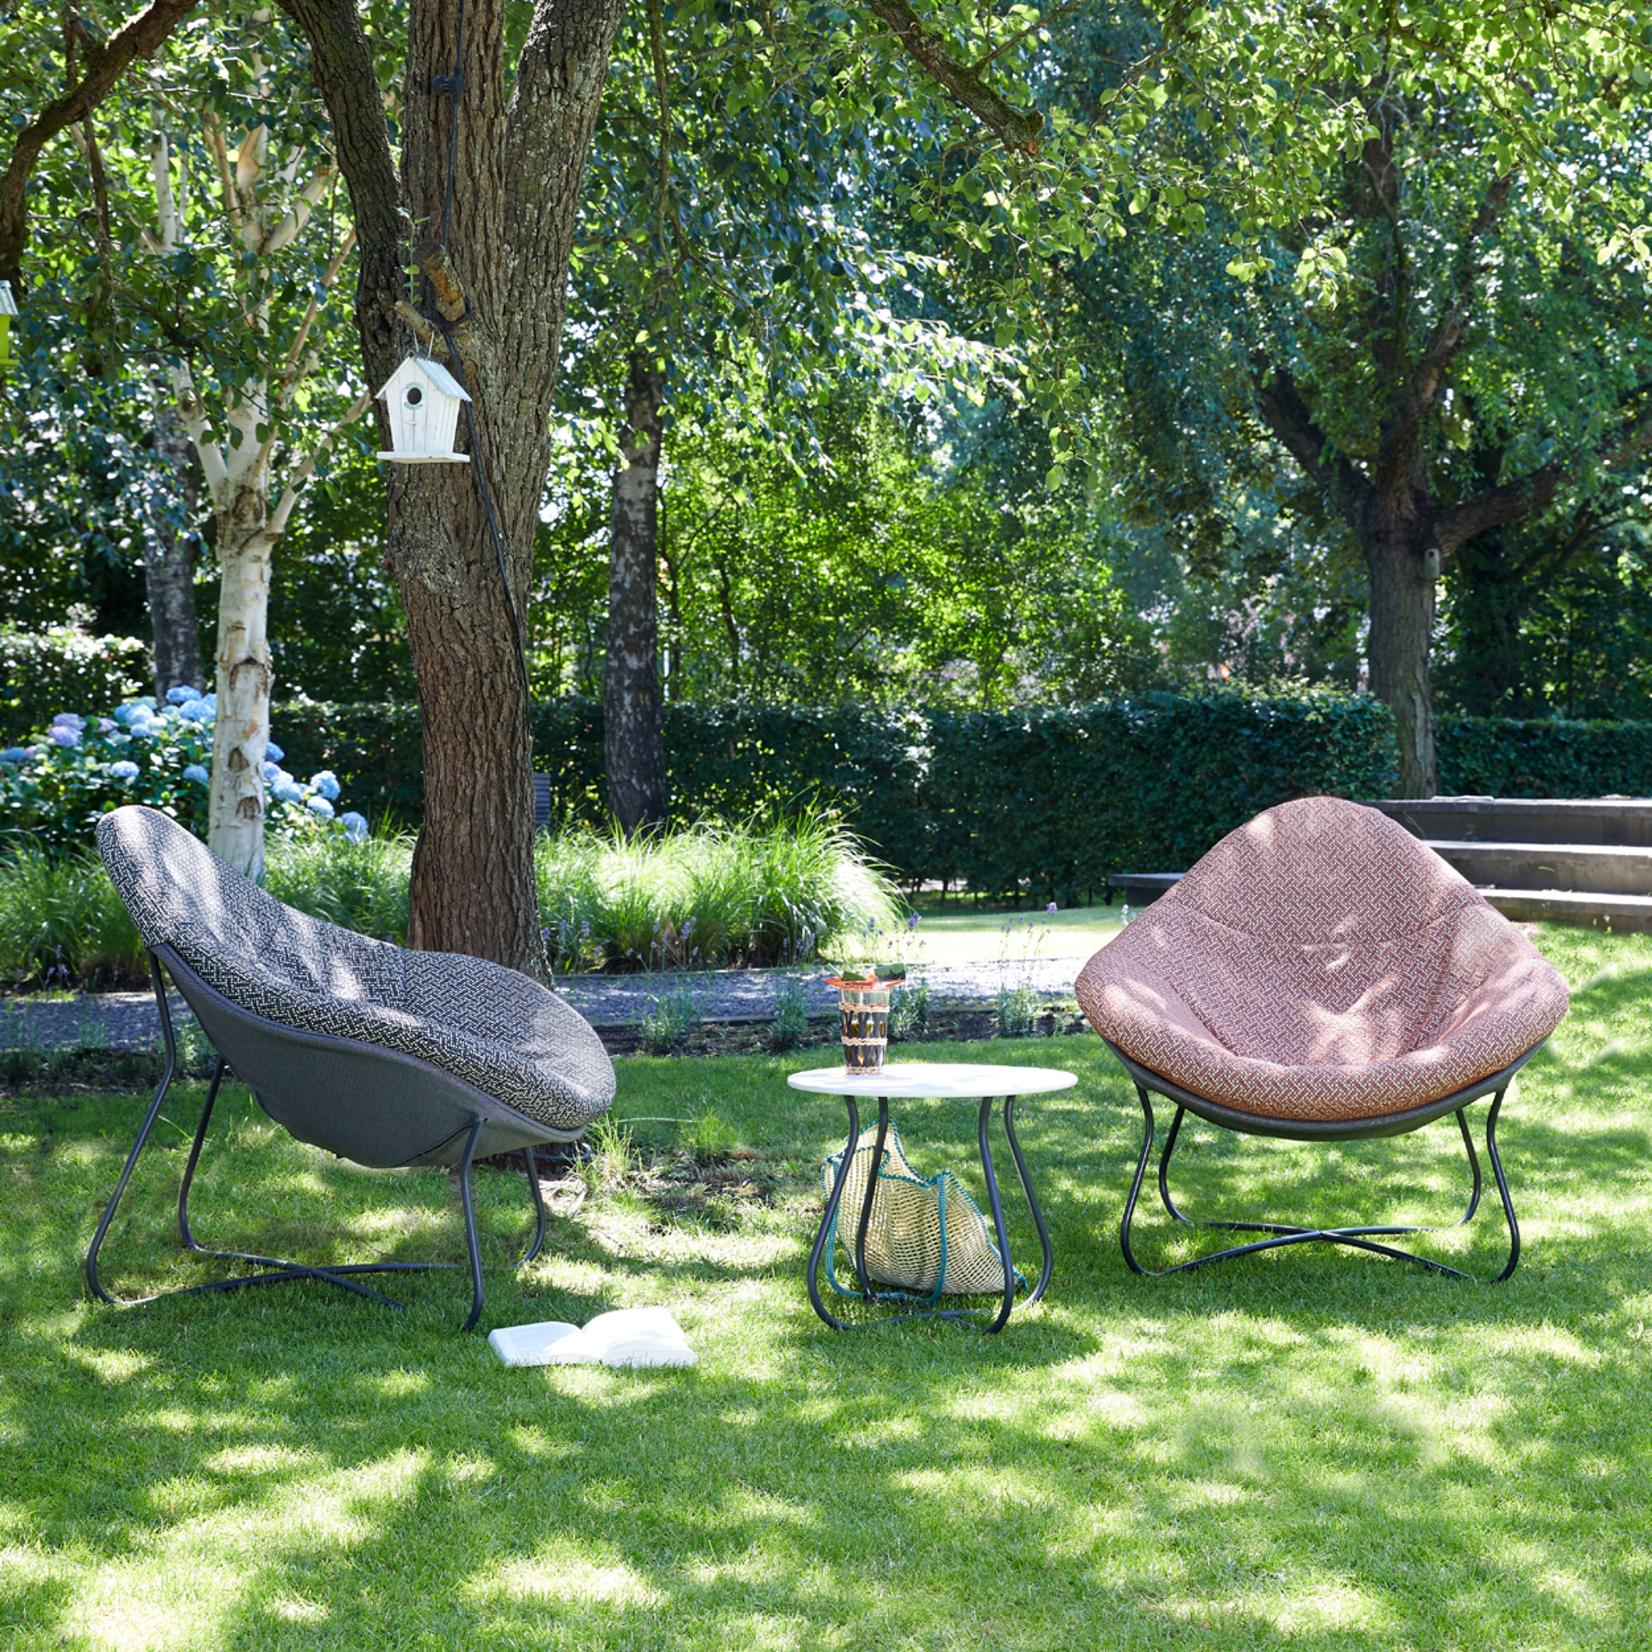 LABEL | Vandenberg Koos Outdoor